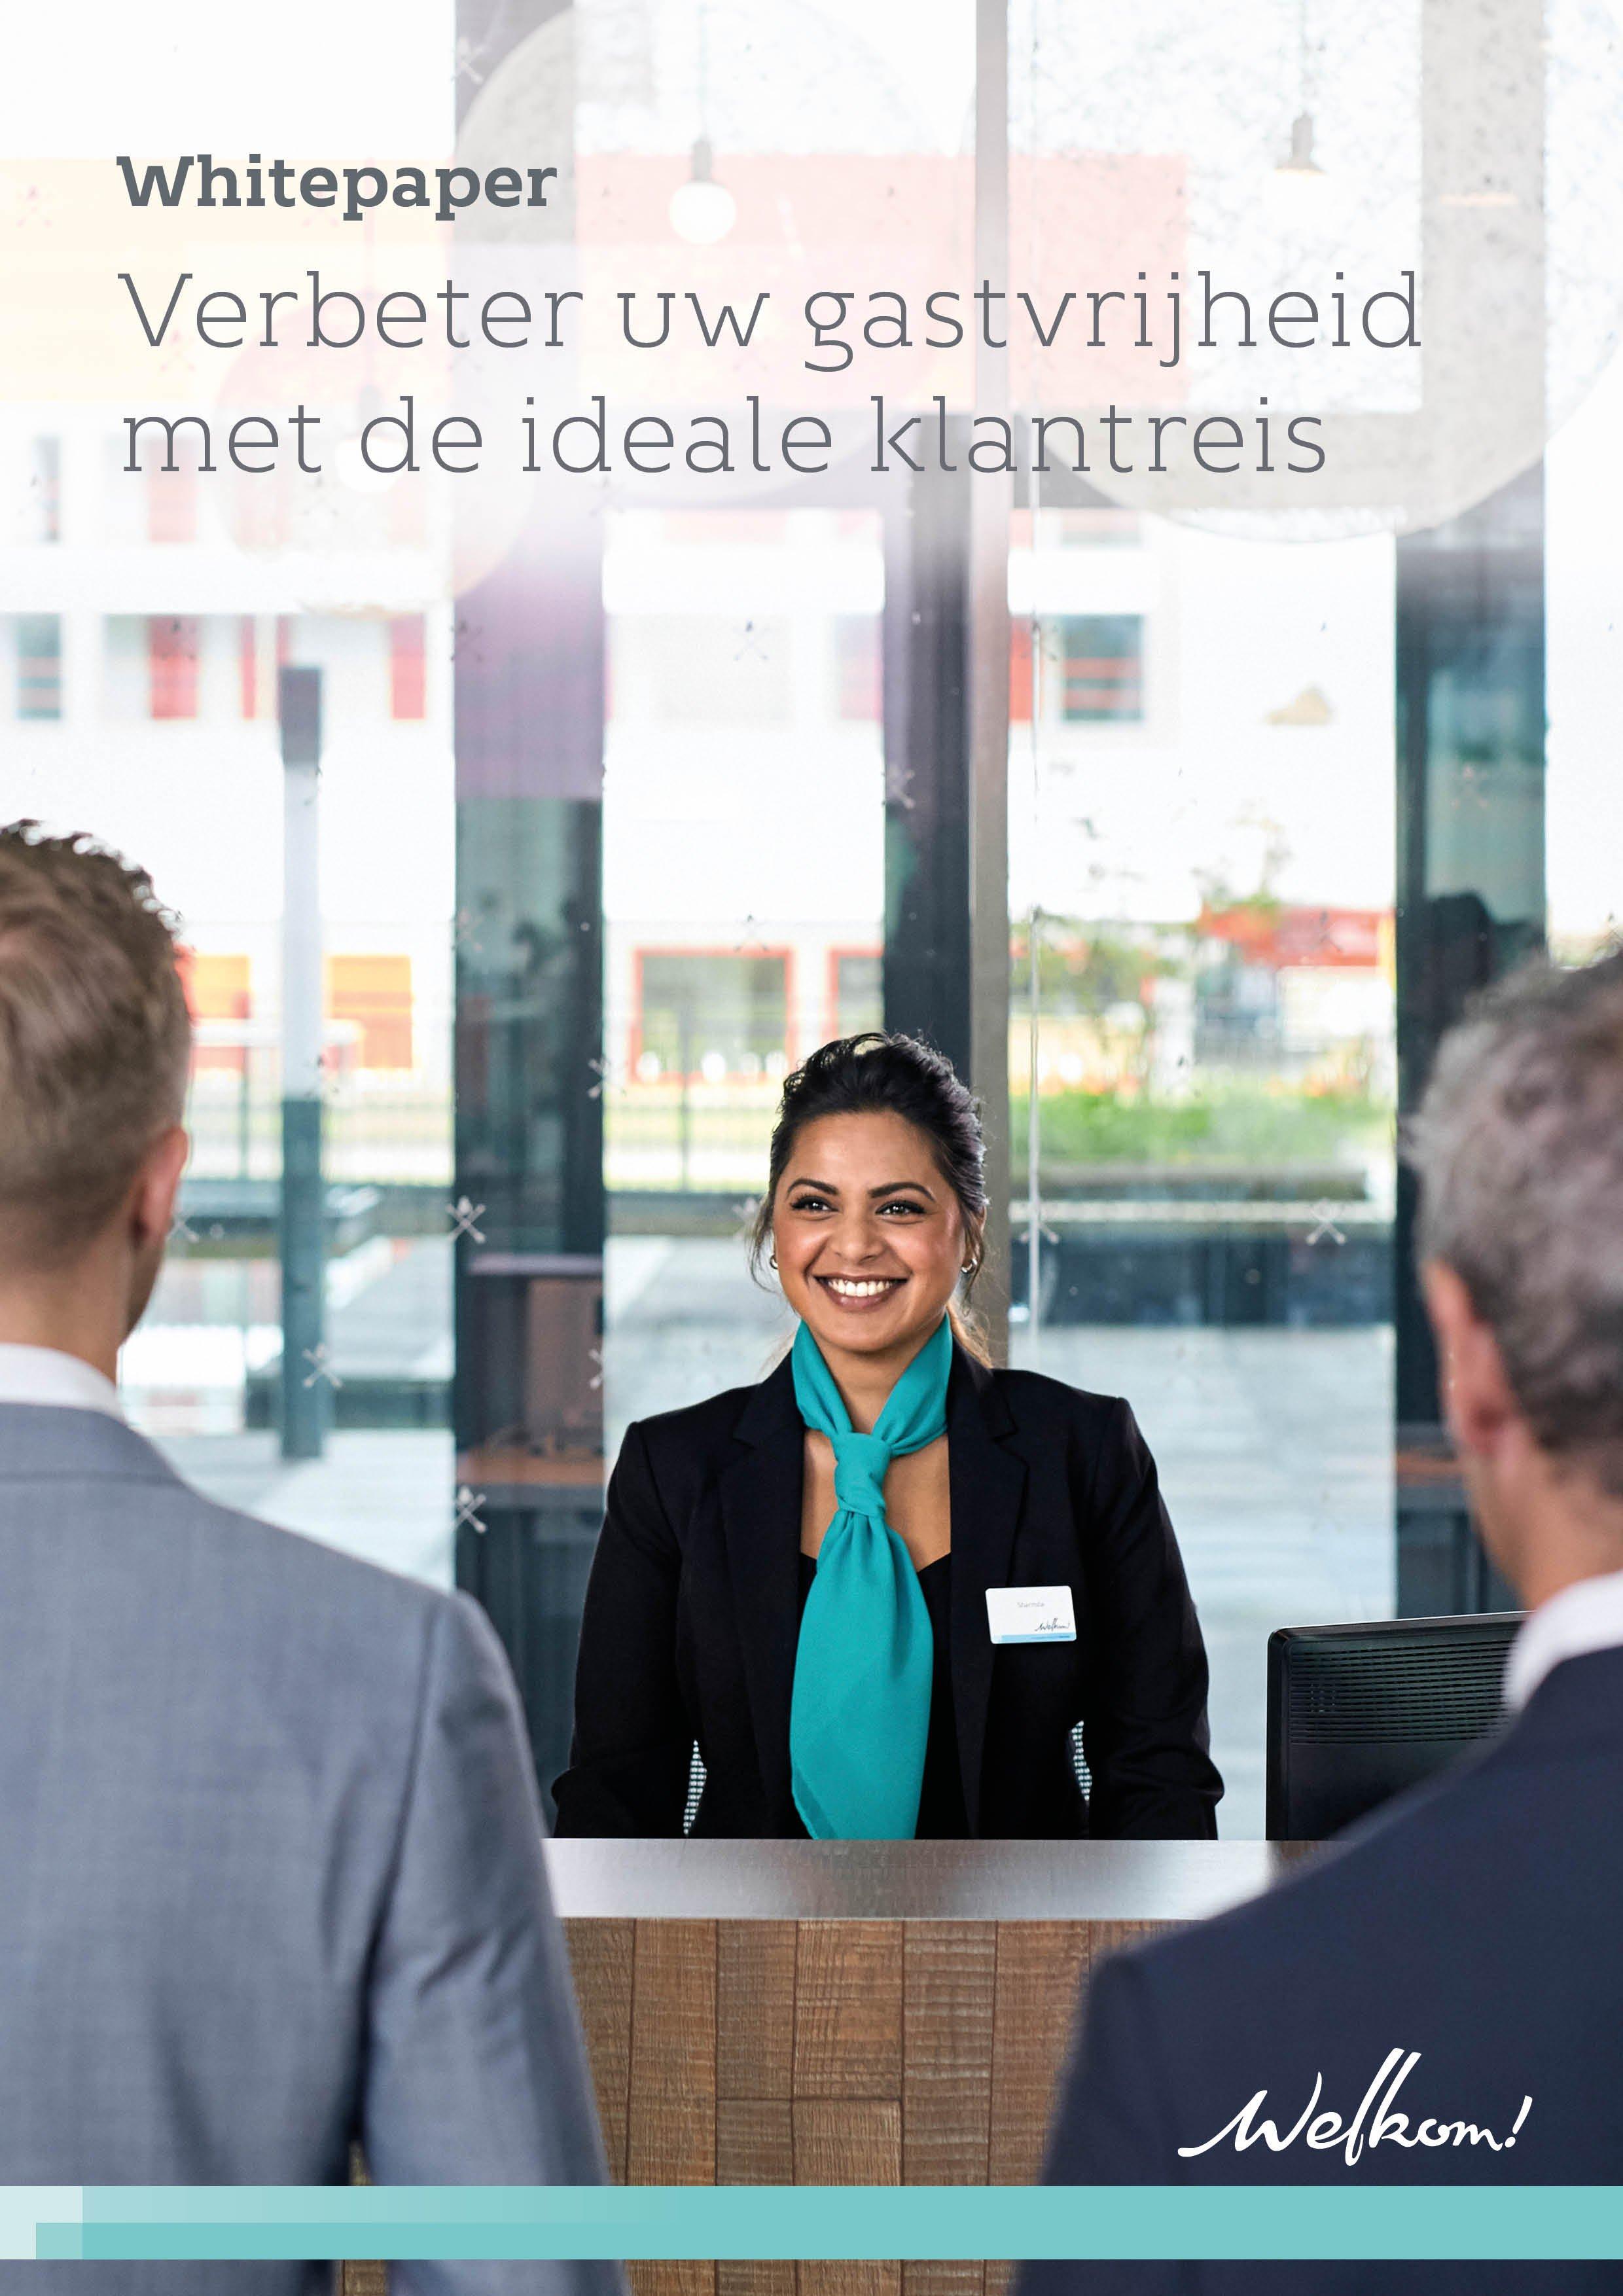 Welkom Whitepaper - Verbeter uw gastvrijheid met de ideale klantreis_Cover.jpg